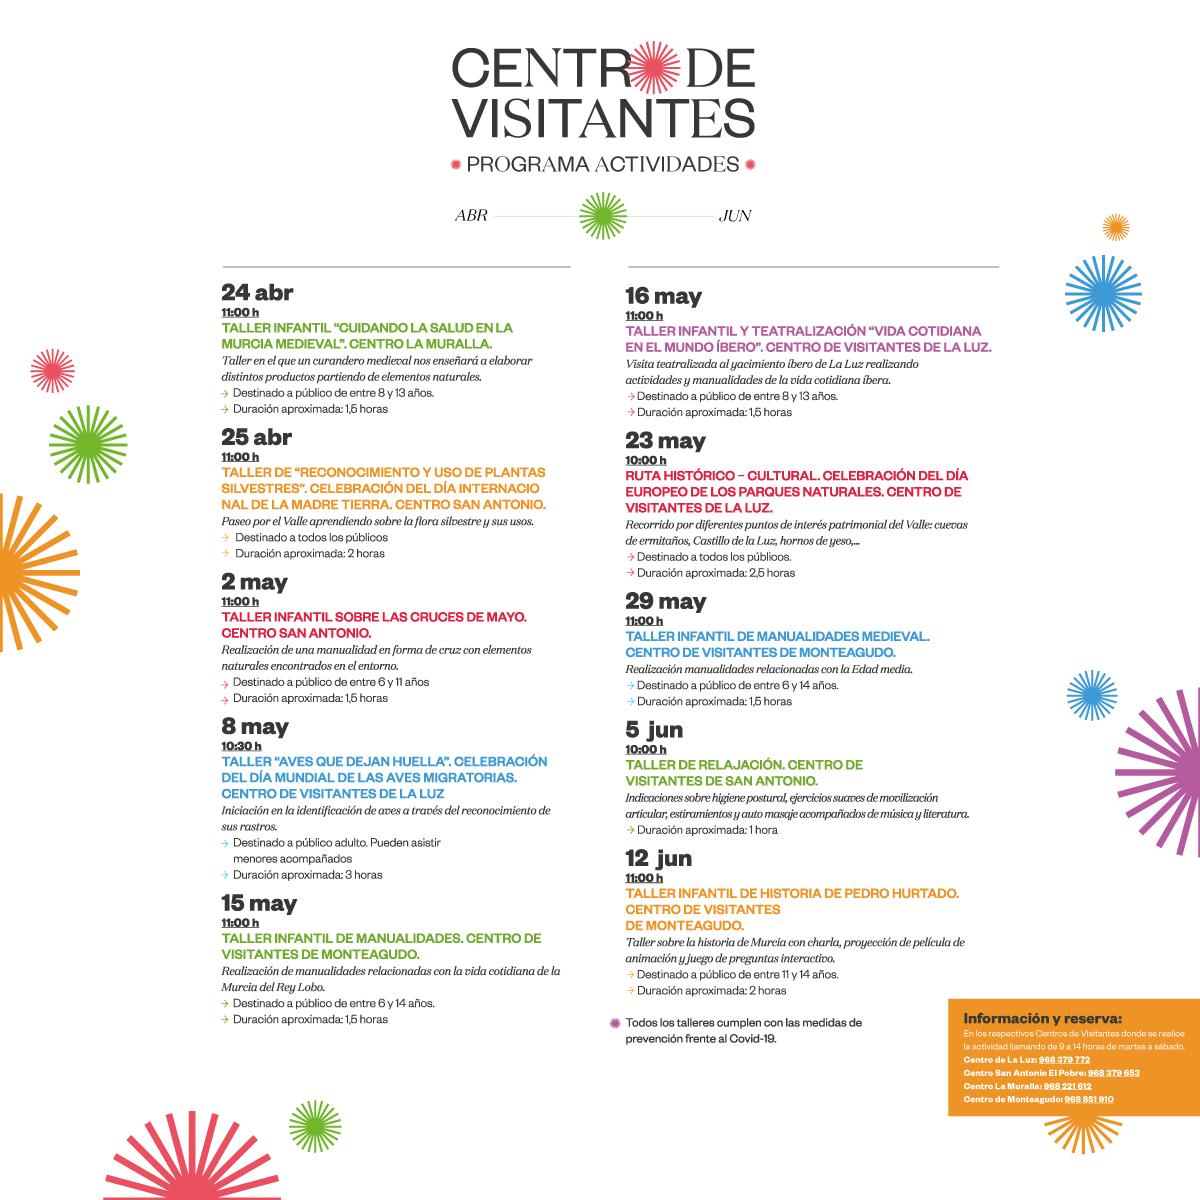 Programación de los Centros de Visitantes, con el Ayto. de Murcia